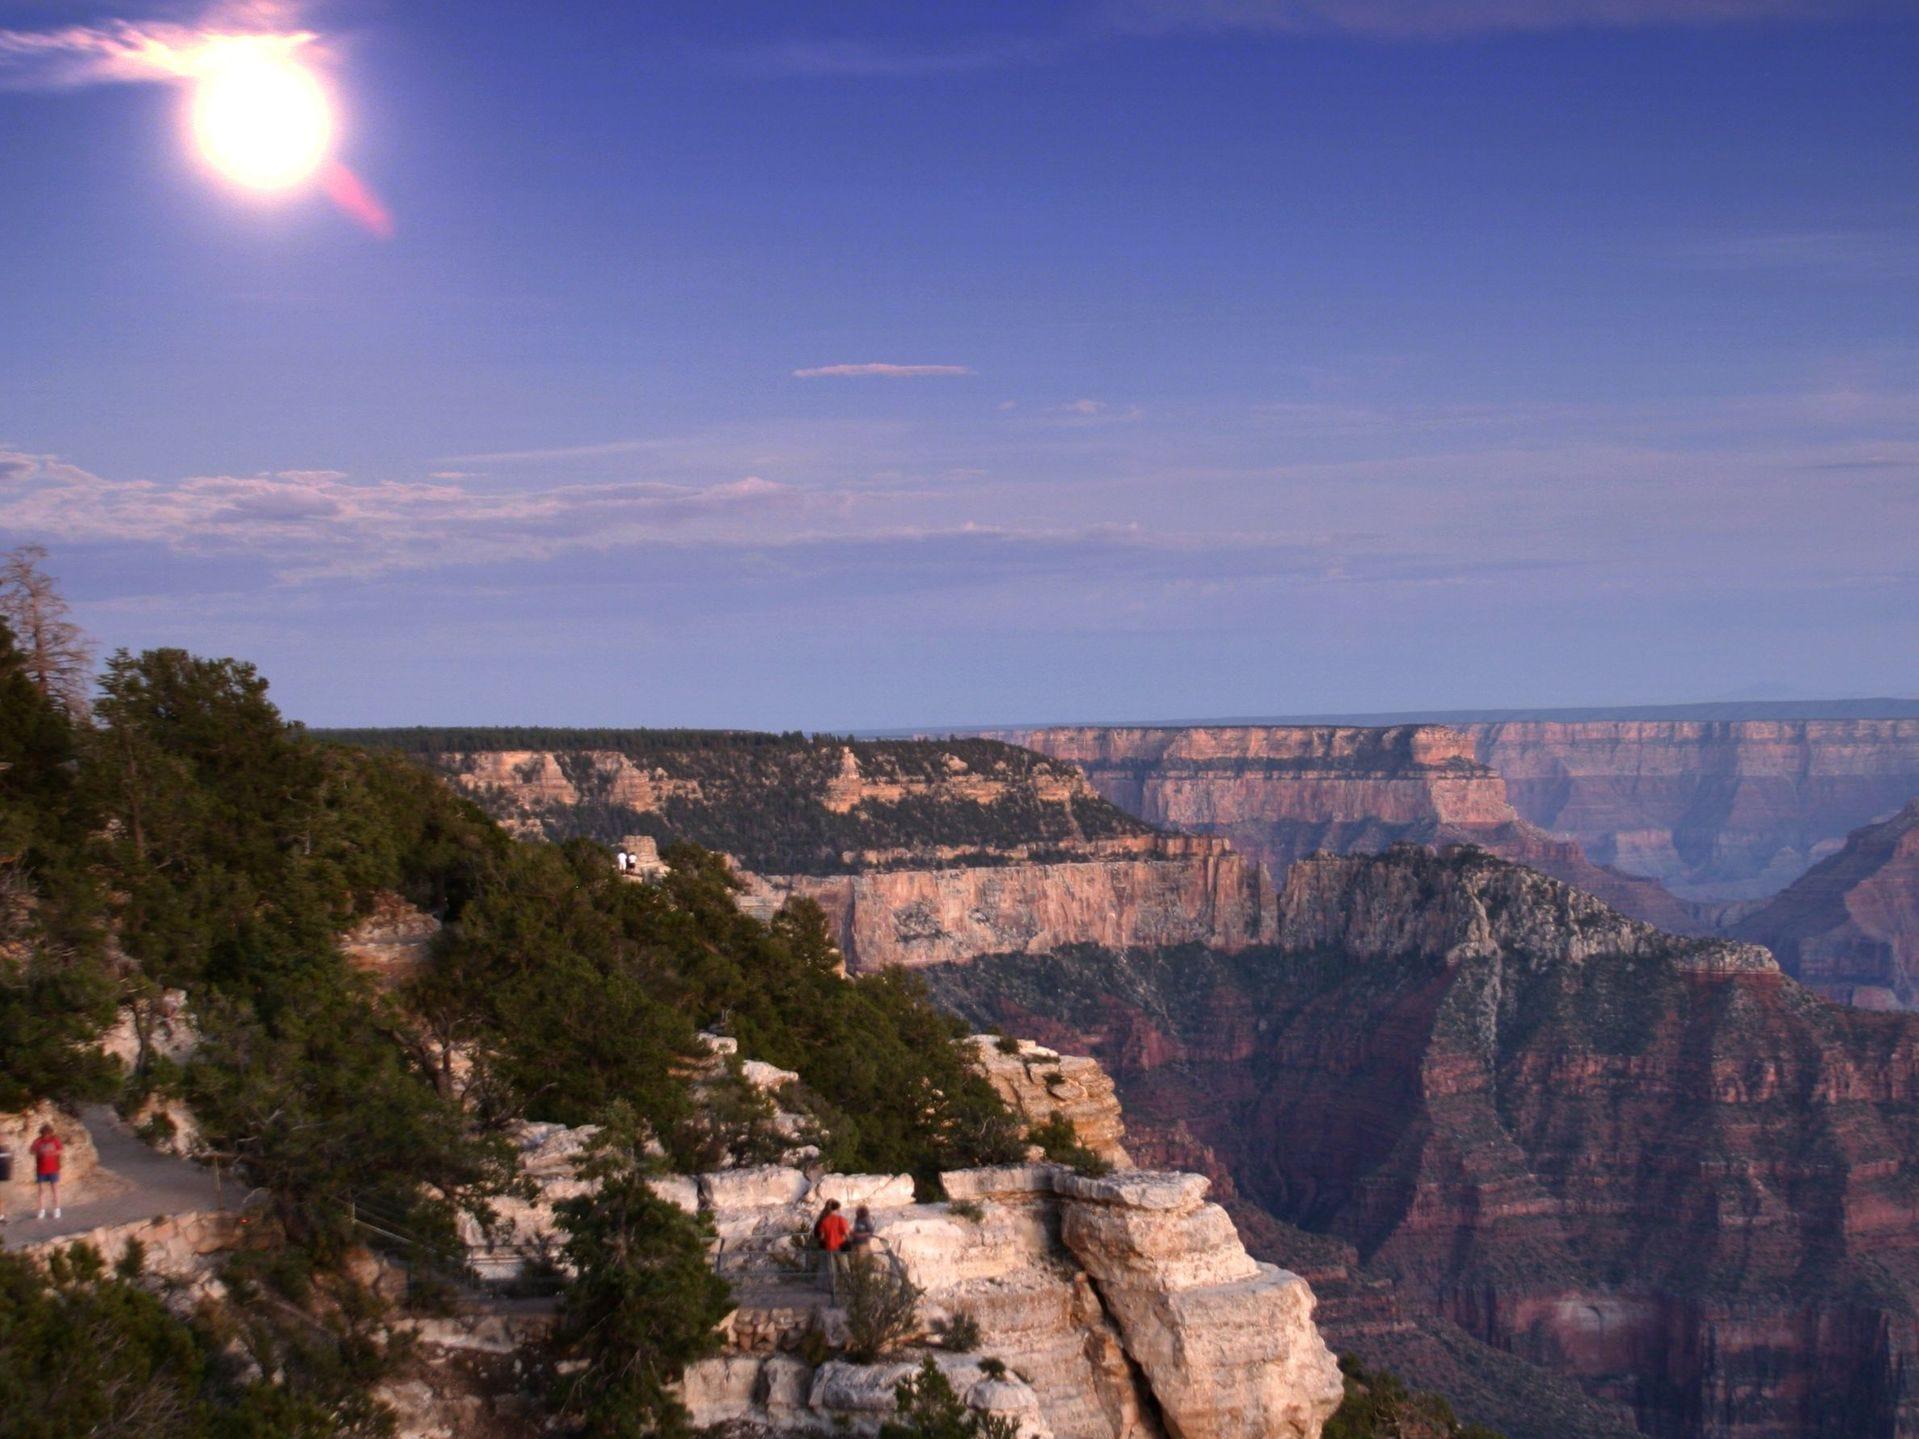 Una luna casi llena ilumina el borde norte del Gran Cañón mientras los últimos excursionistas y visitantes de día salen del cañón y se dirigen hacia la cabaña, el domingo 10 de agosto de 2003.